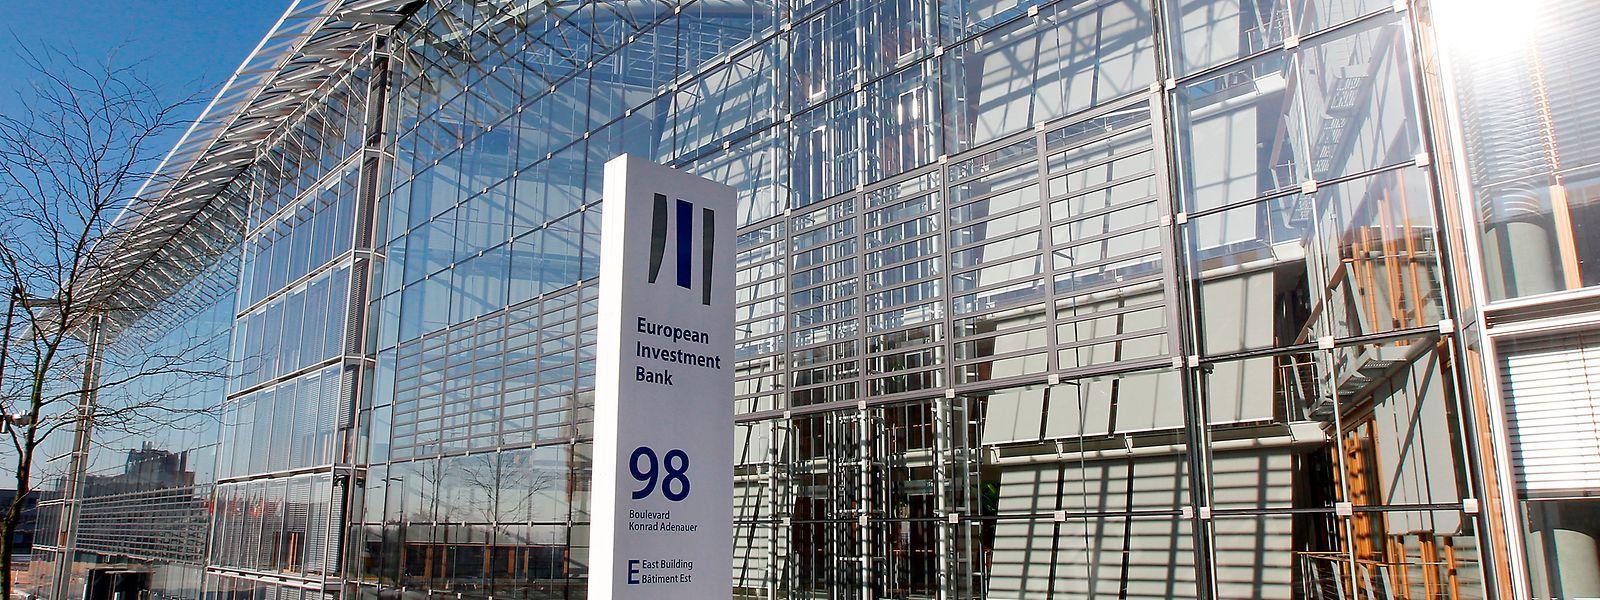 La BEI va mettre en place des rotations pour inciter ses salariés à travailler à domicile.